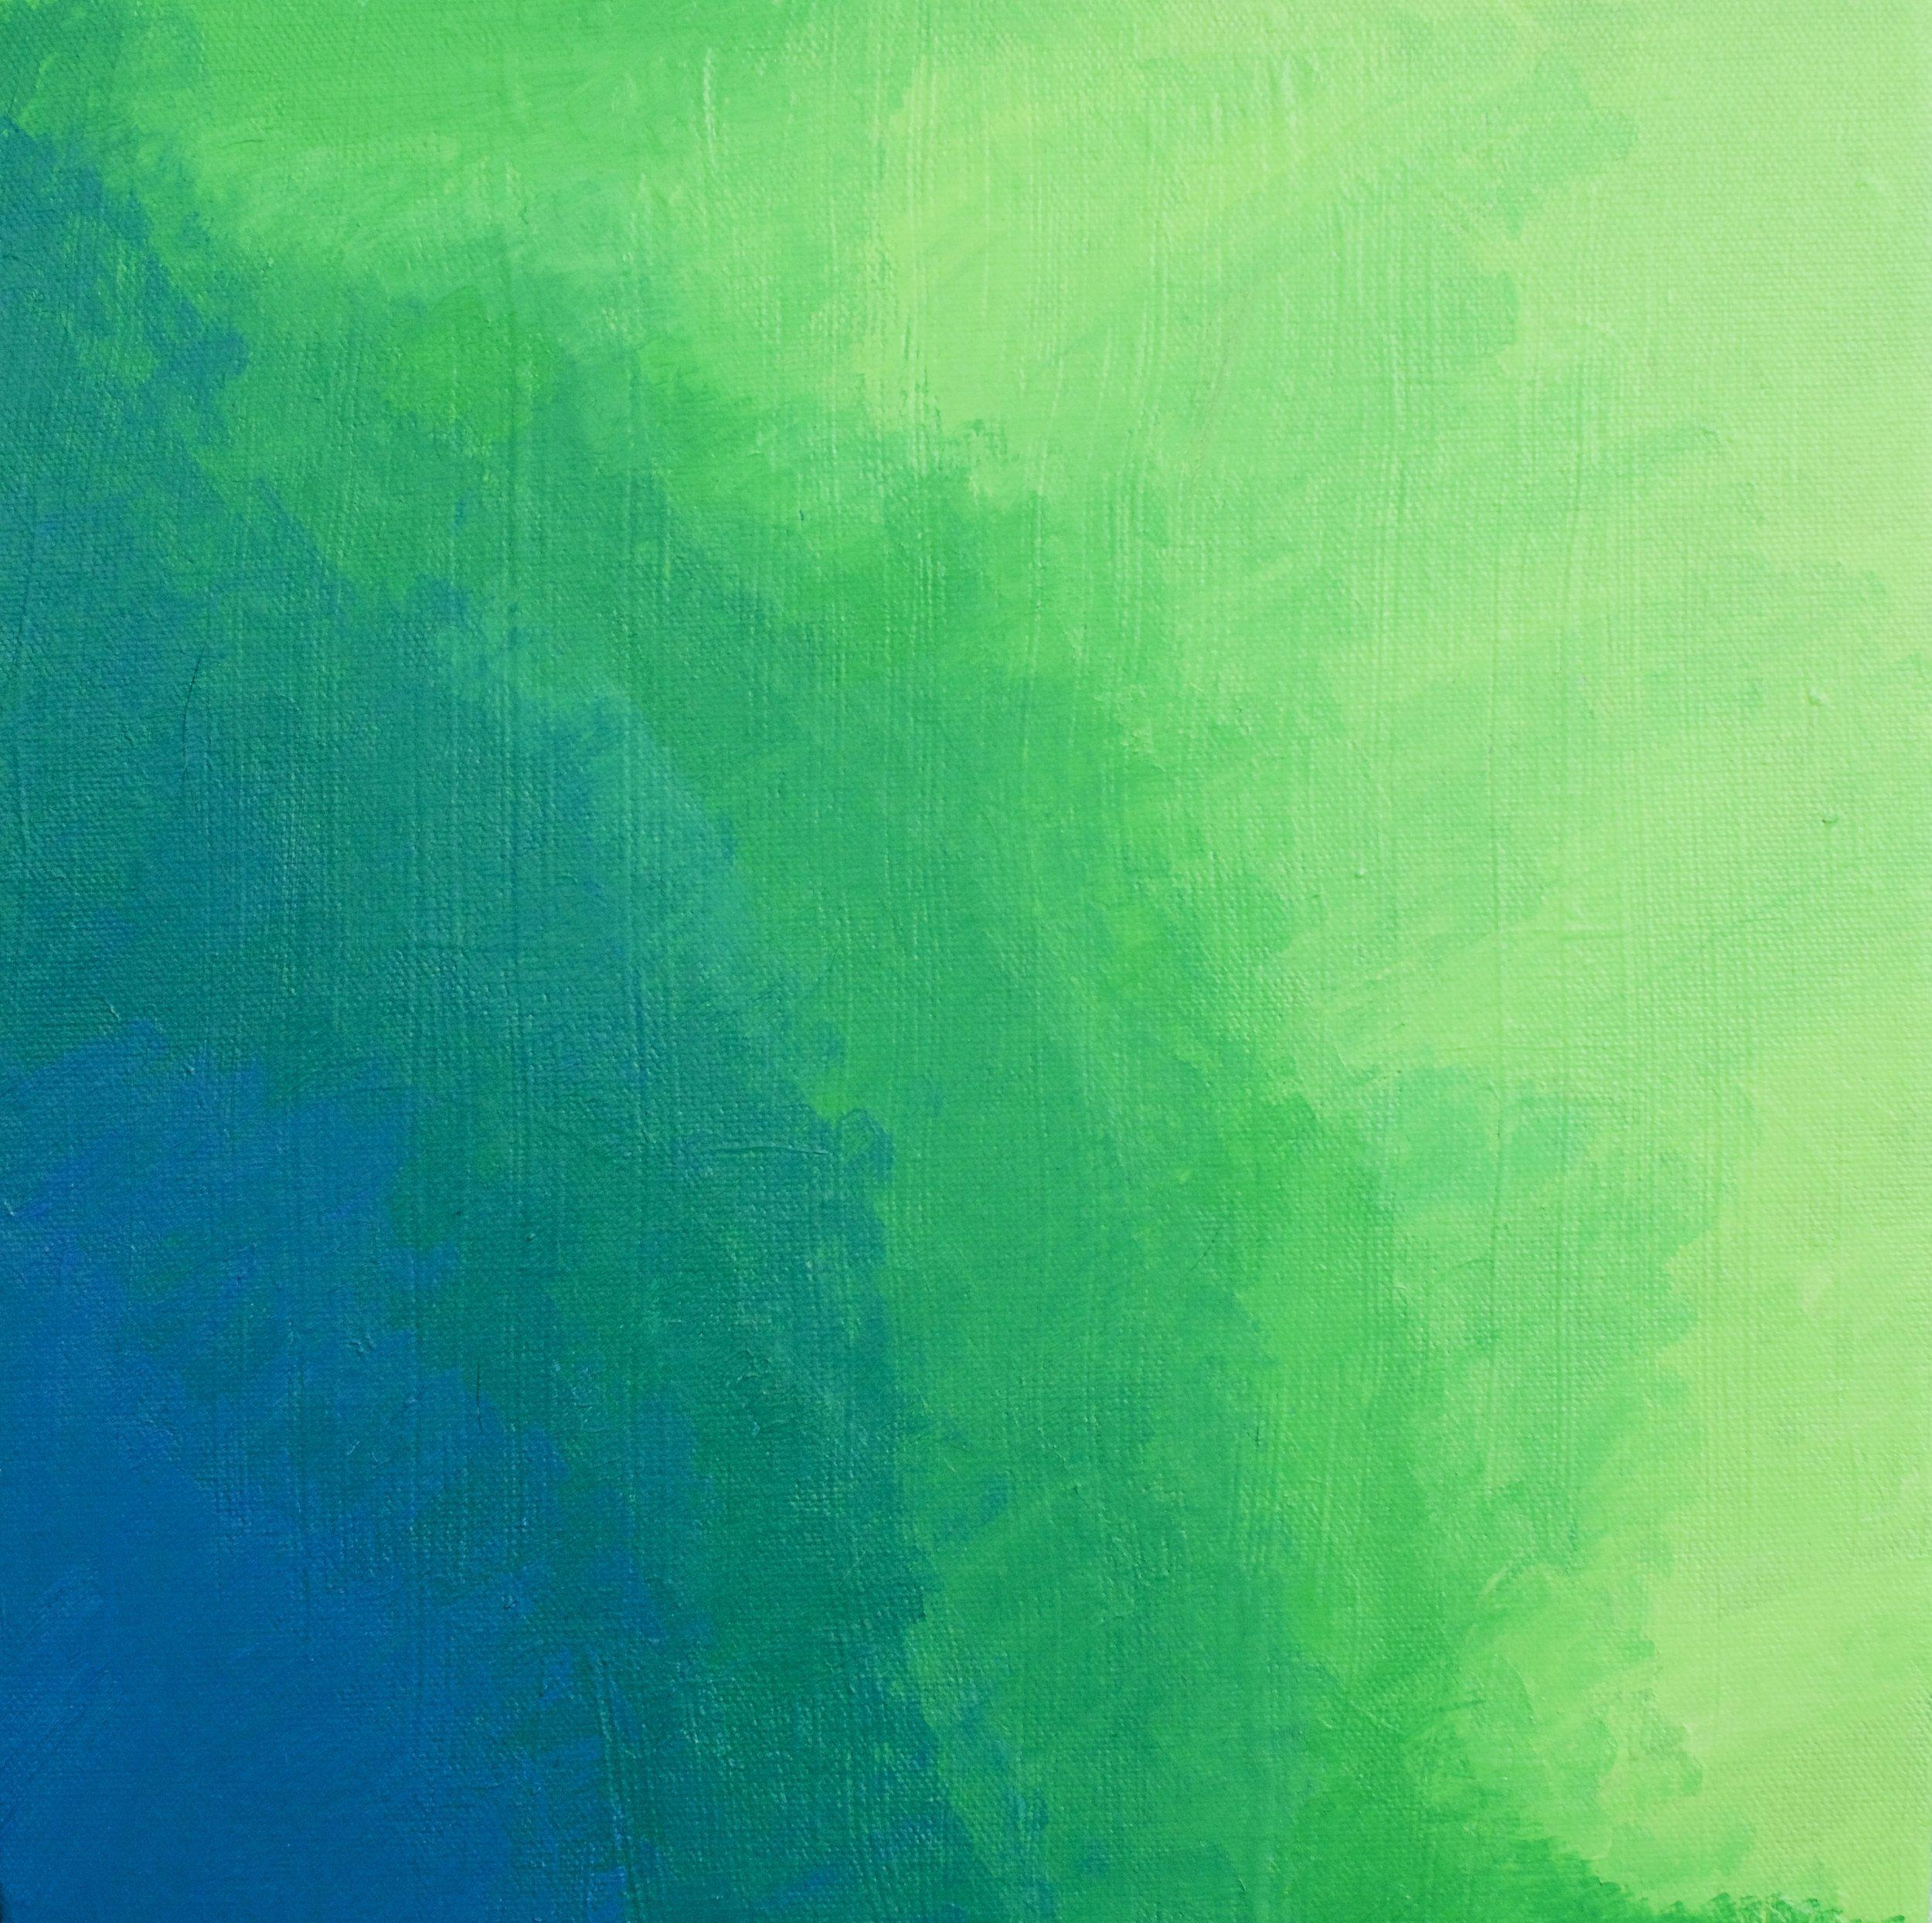 Acrylic on stretch canvas